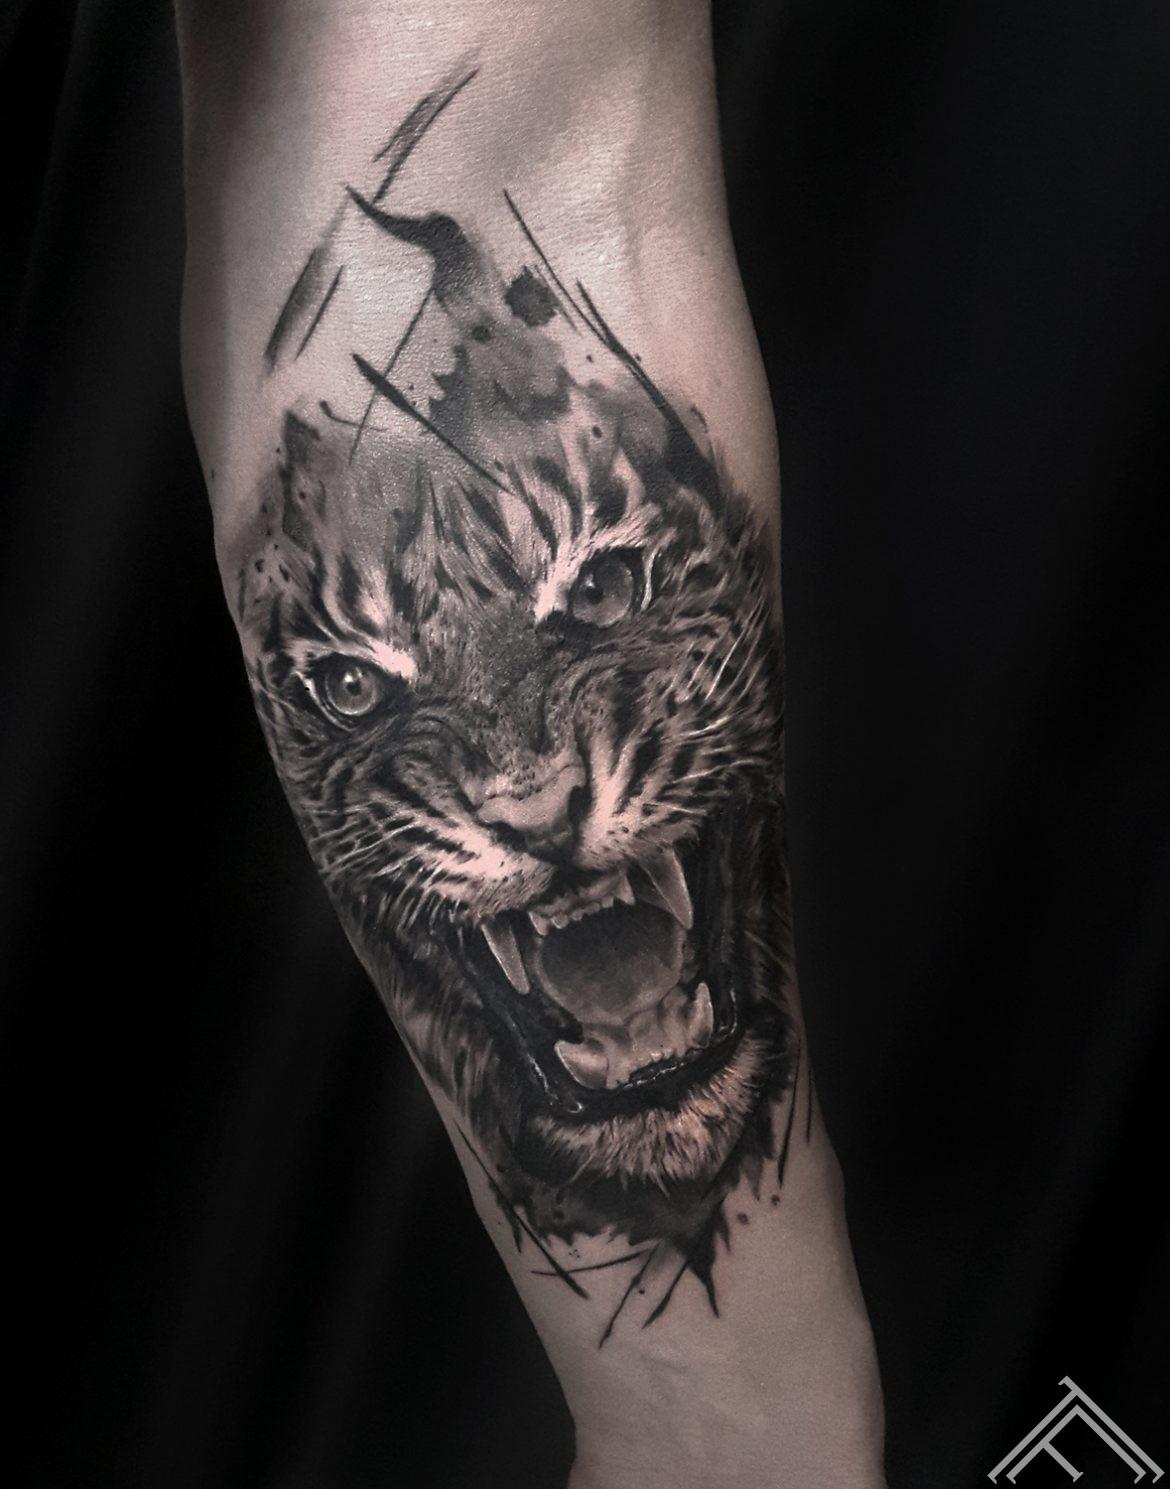 johnlogan-tiger-tigeris-art-tetovejums-tattoo-tattoofrequency-riga